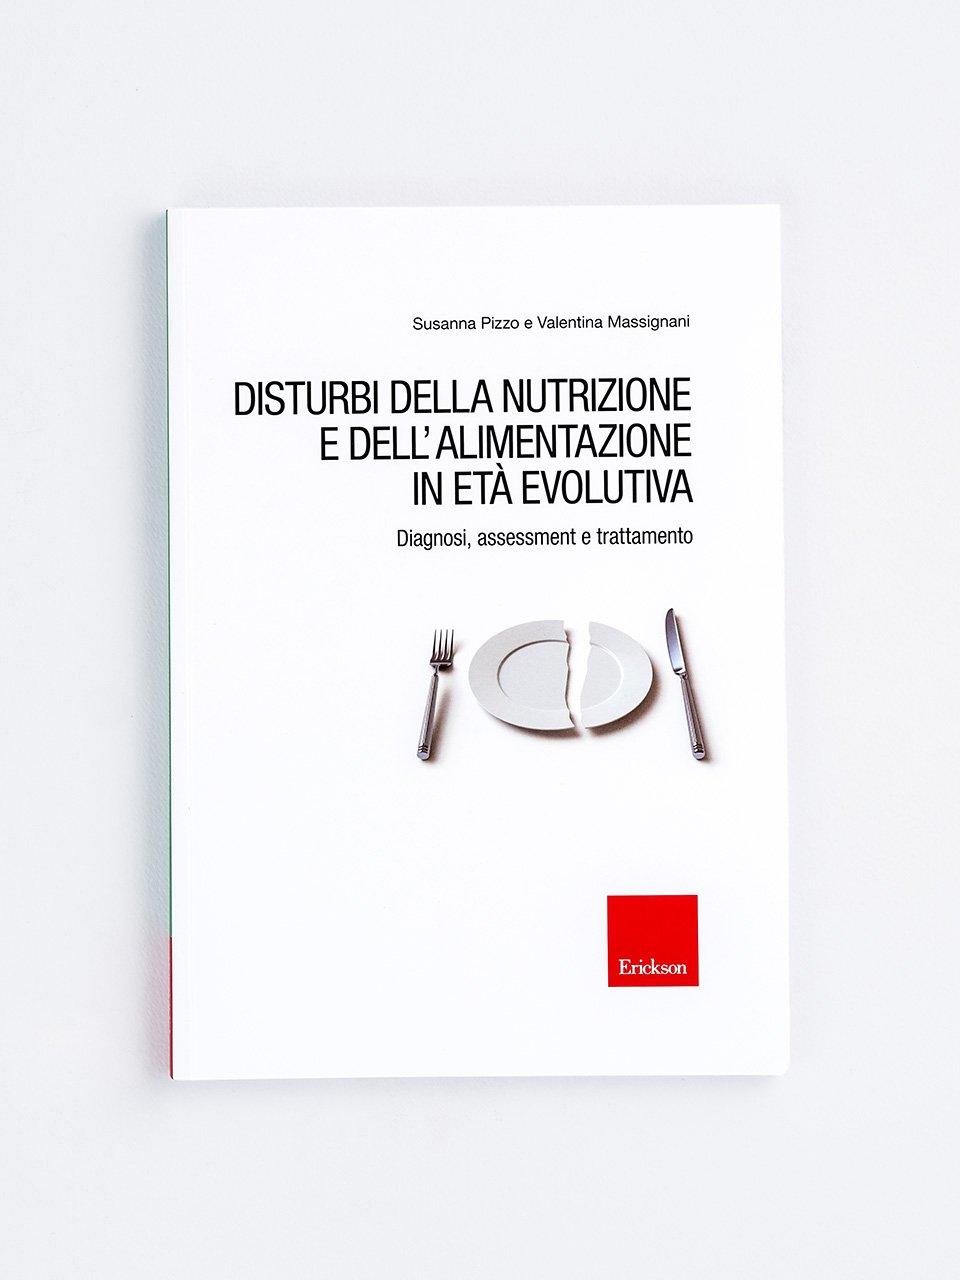 Disturbi della nutrizione e dell'alimentazione in età evolutiva - La terapia cognitivo-comportamentale multistep per - Libri - Erickson